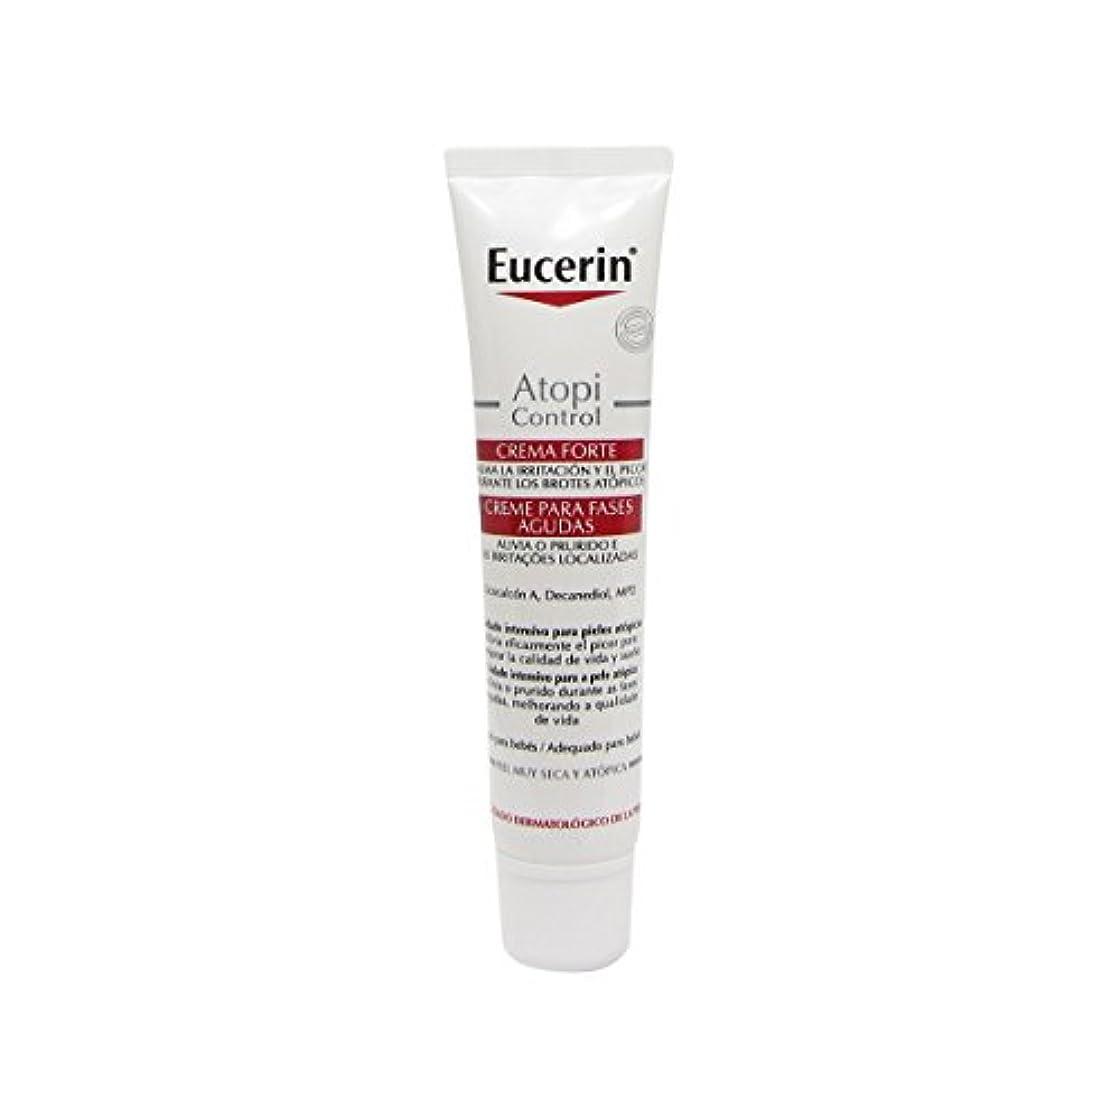 四面体憂鬱オゾンEucerin Atopicontrol Acute Care Cream 40ml [並行輸入品]